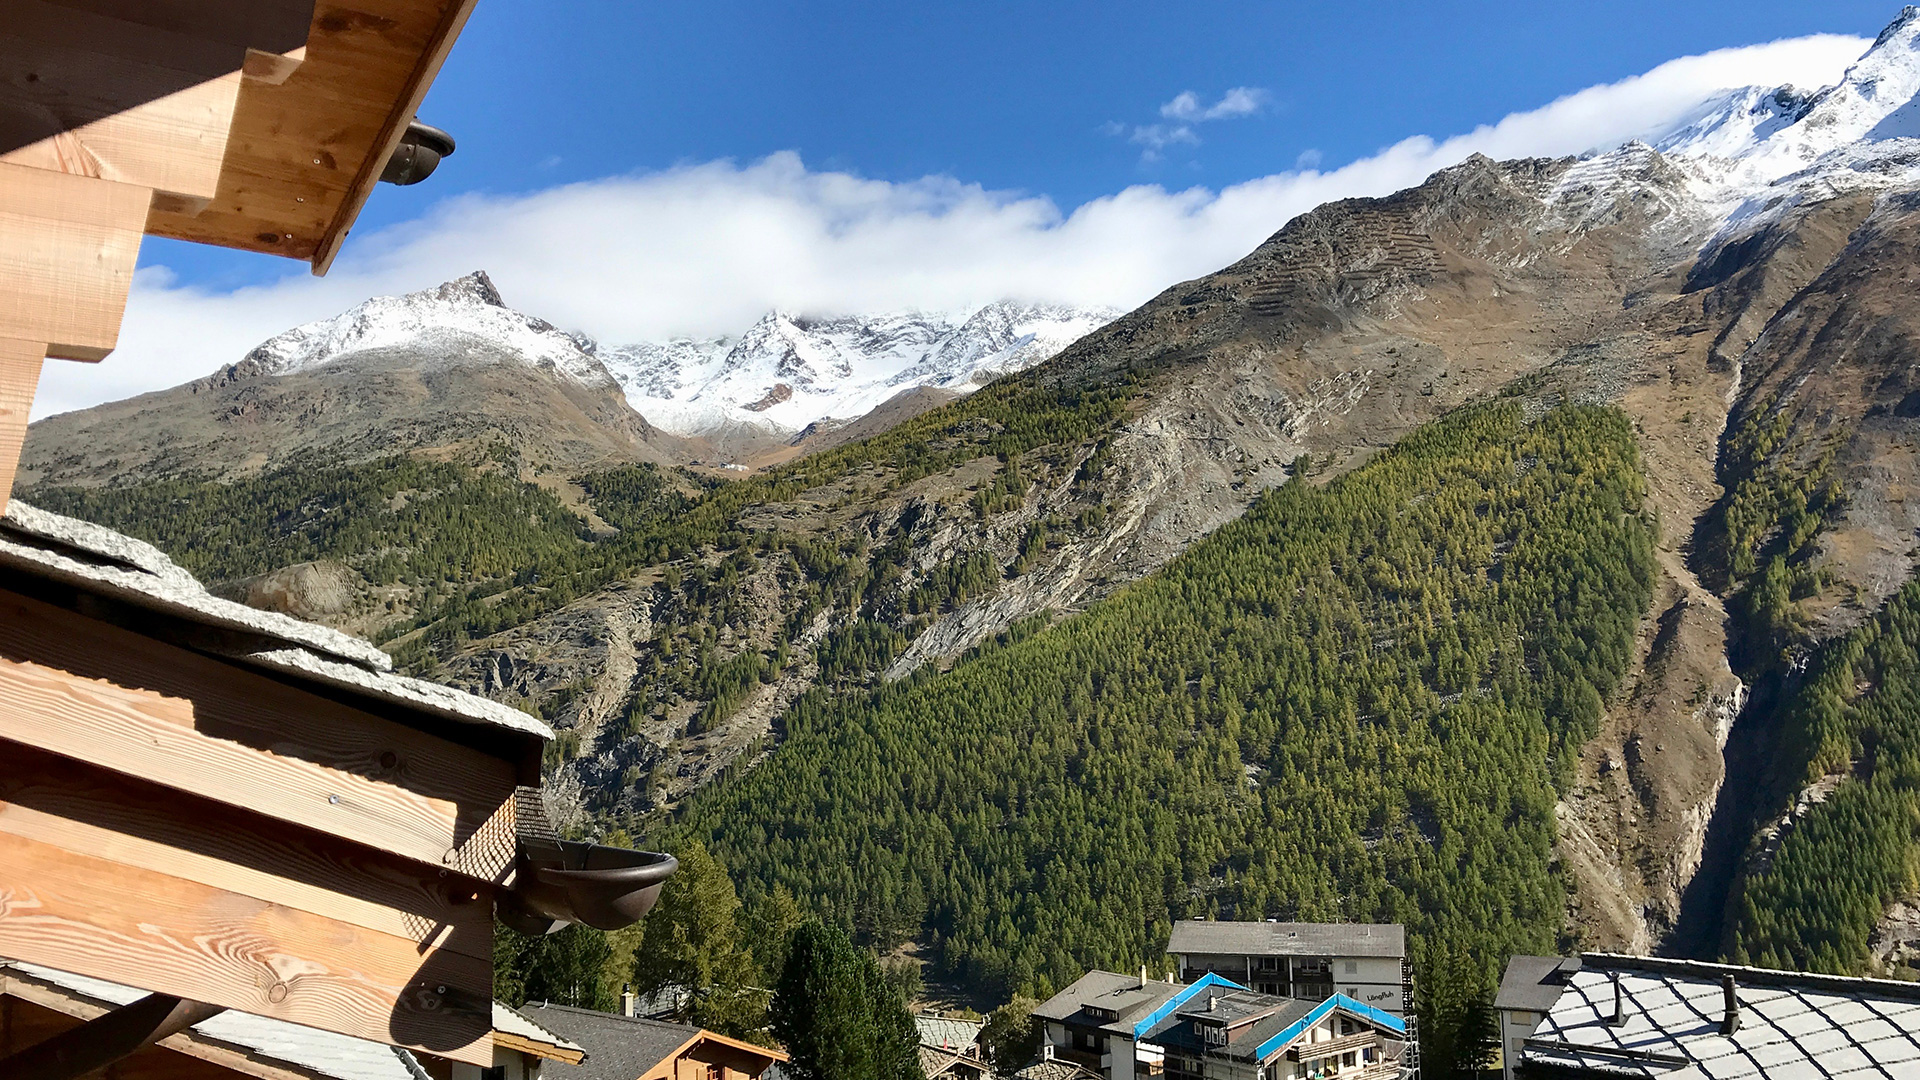 Chalet La Nonna Chalet, Switzerland